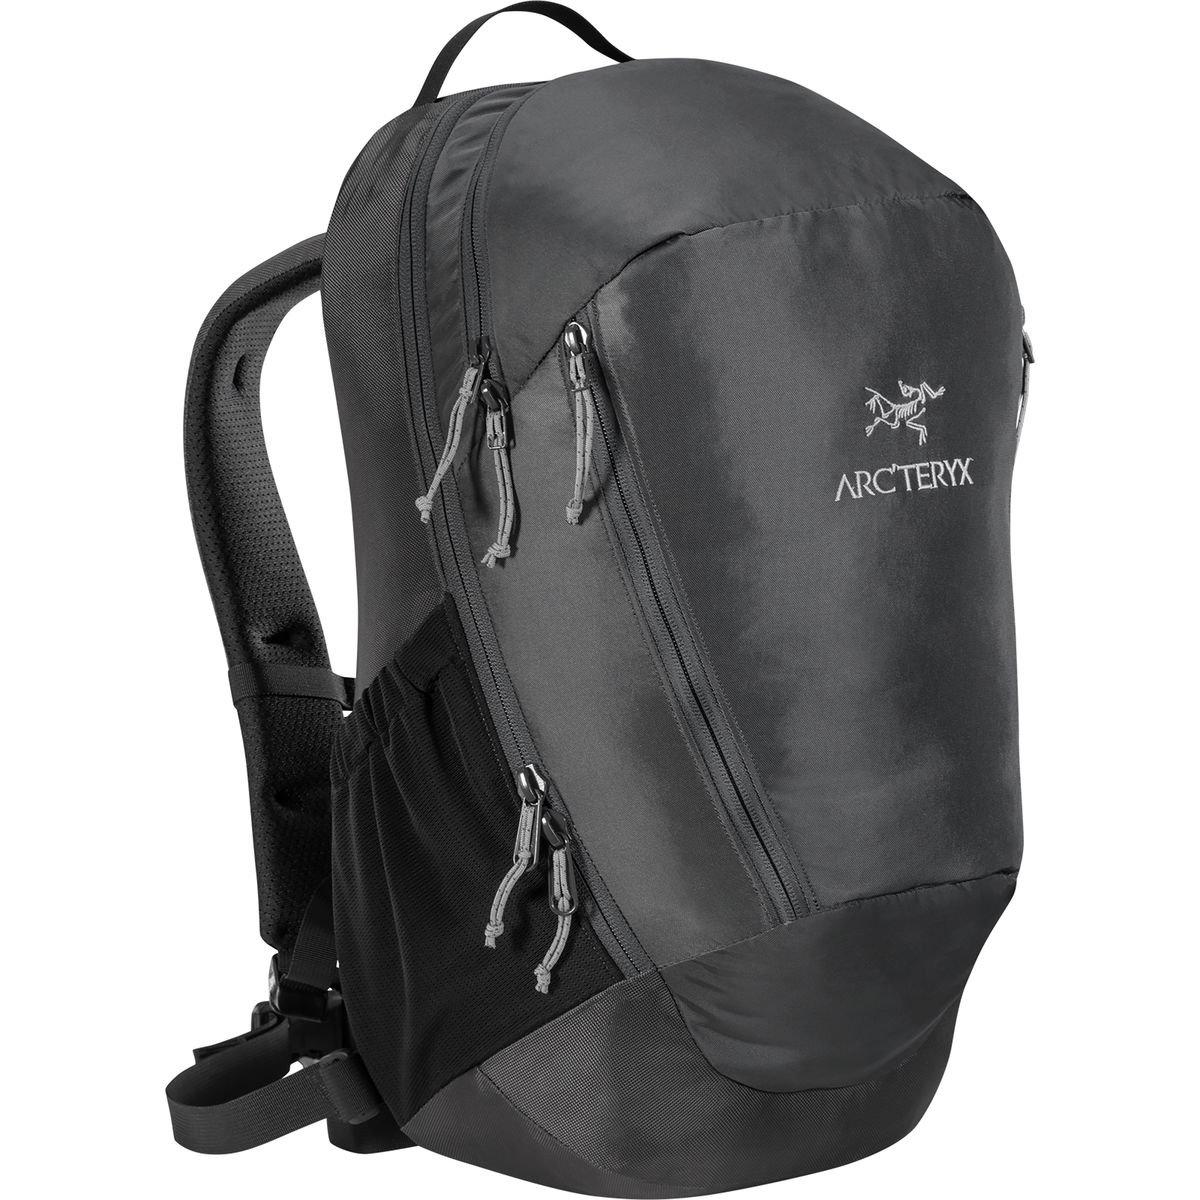 (アークテリクス) Arc'teryx Mantis 26L Daypackメンズ バックパック リュック Pilot [並行輸入品] One Size  B076BMCCD6